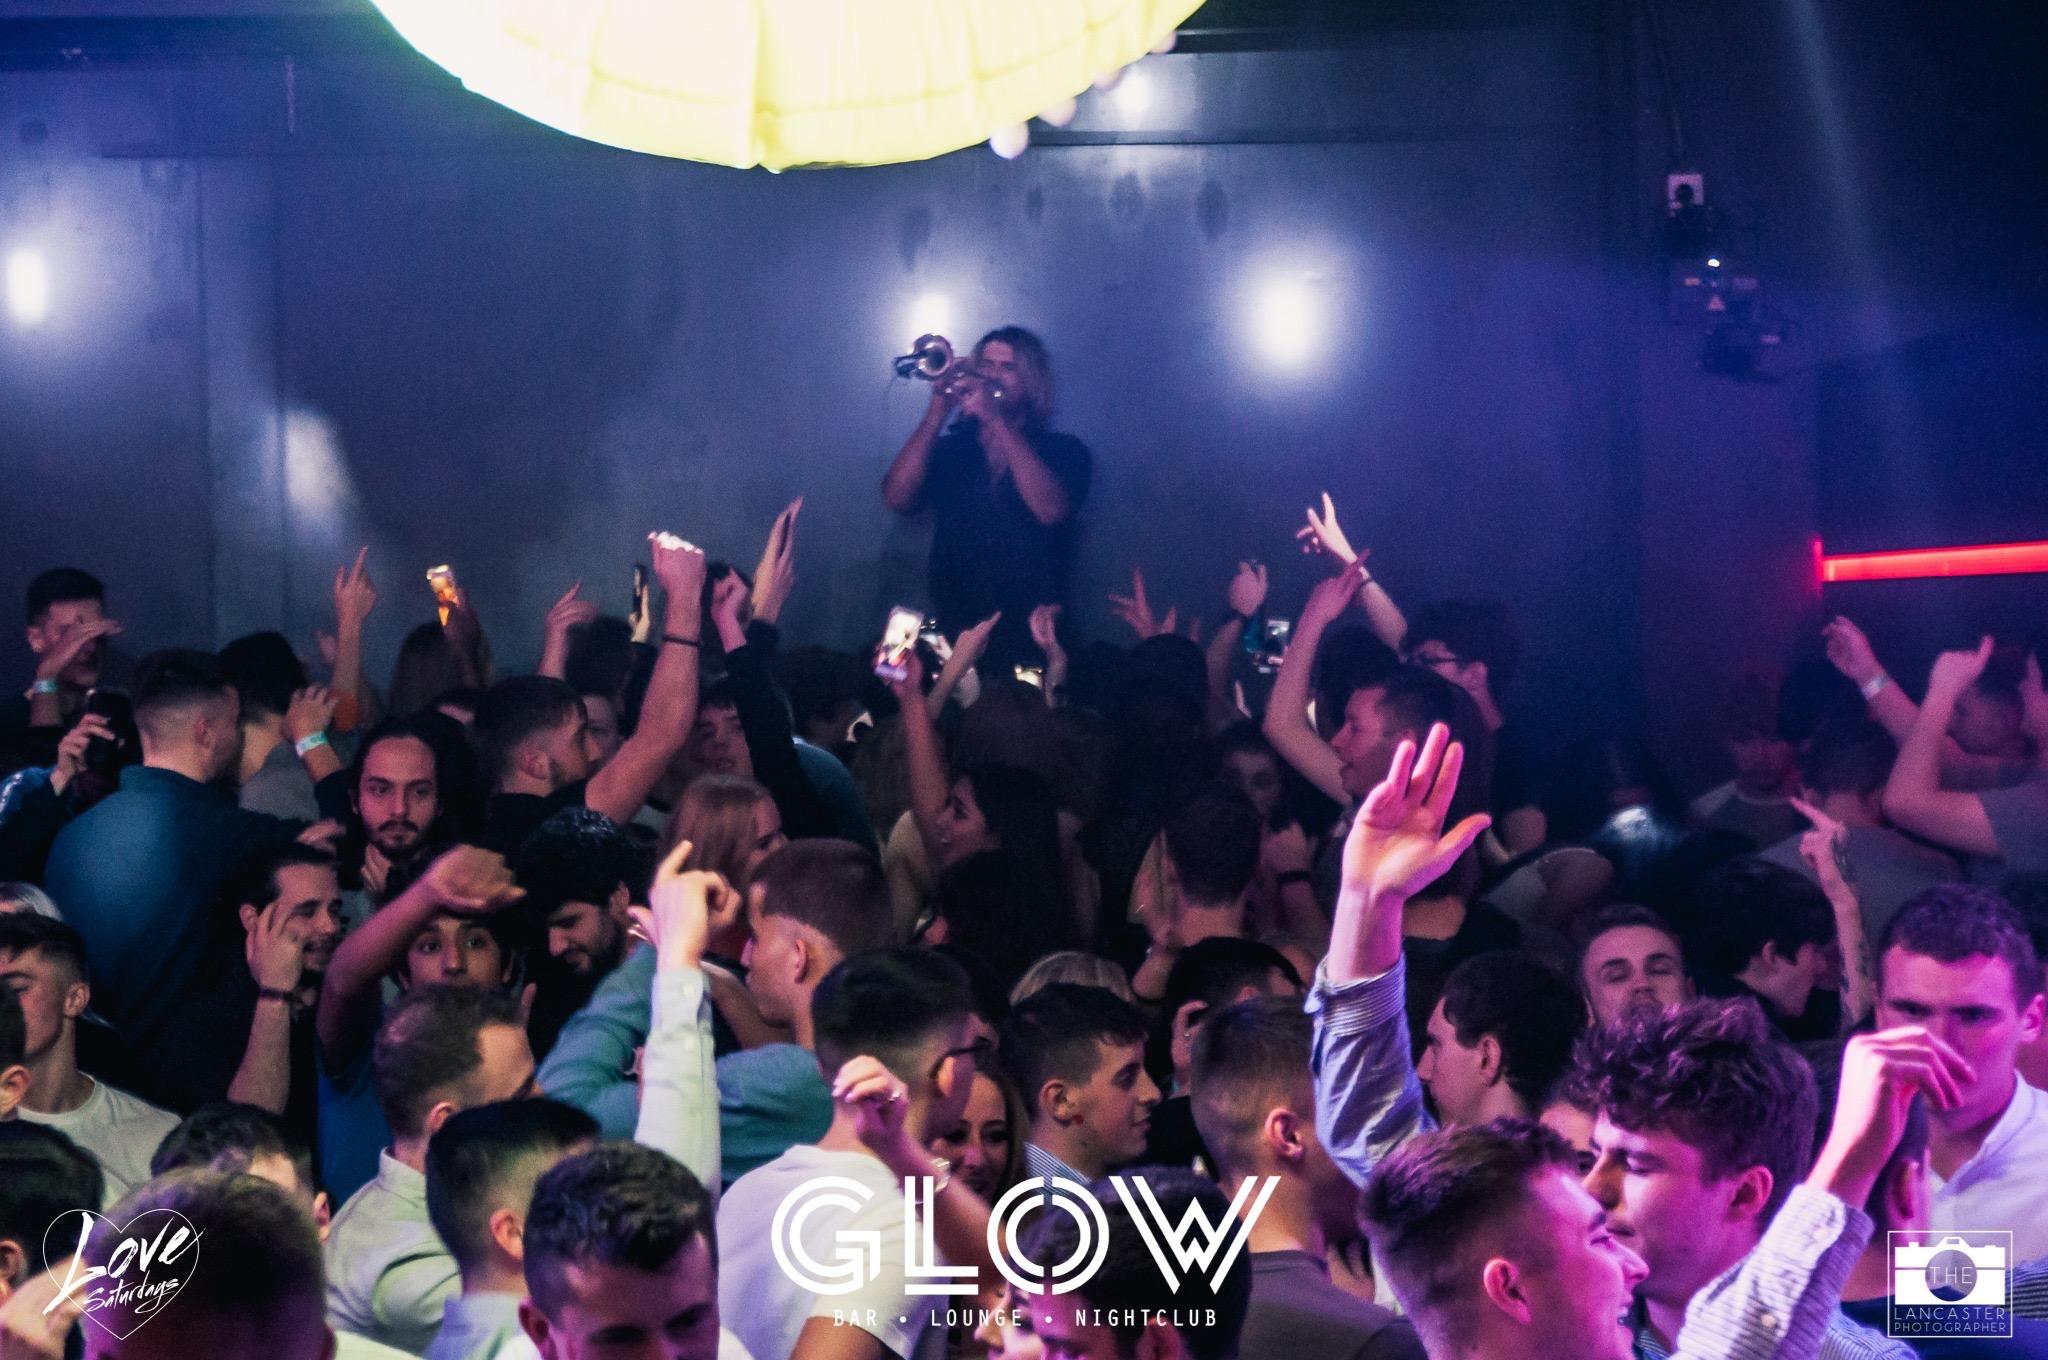 Glow Nightclub